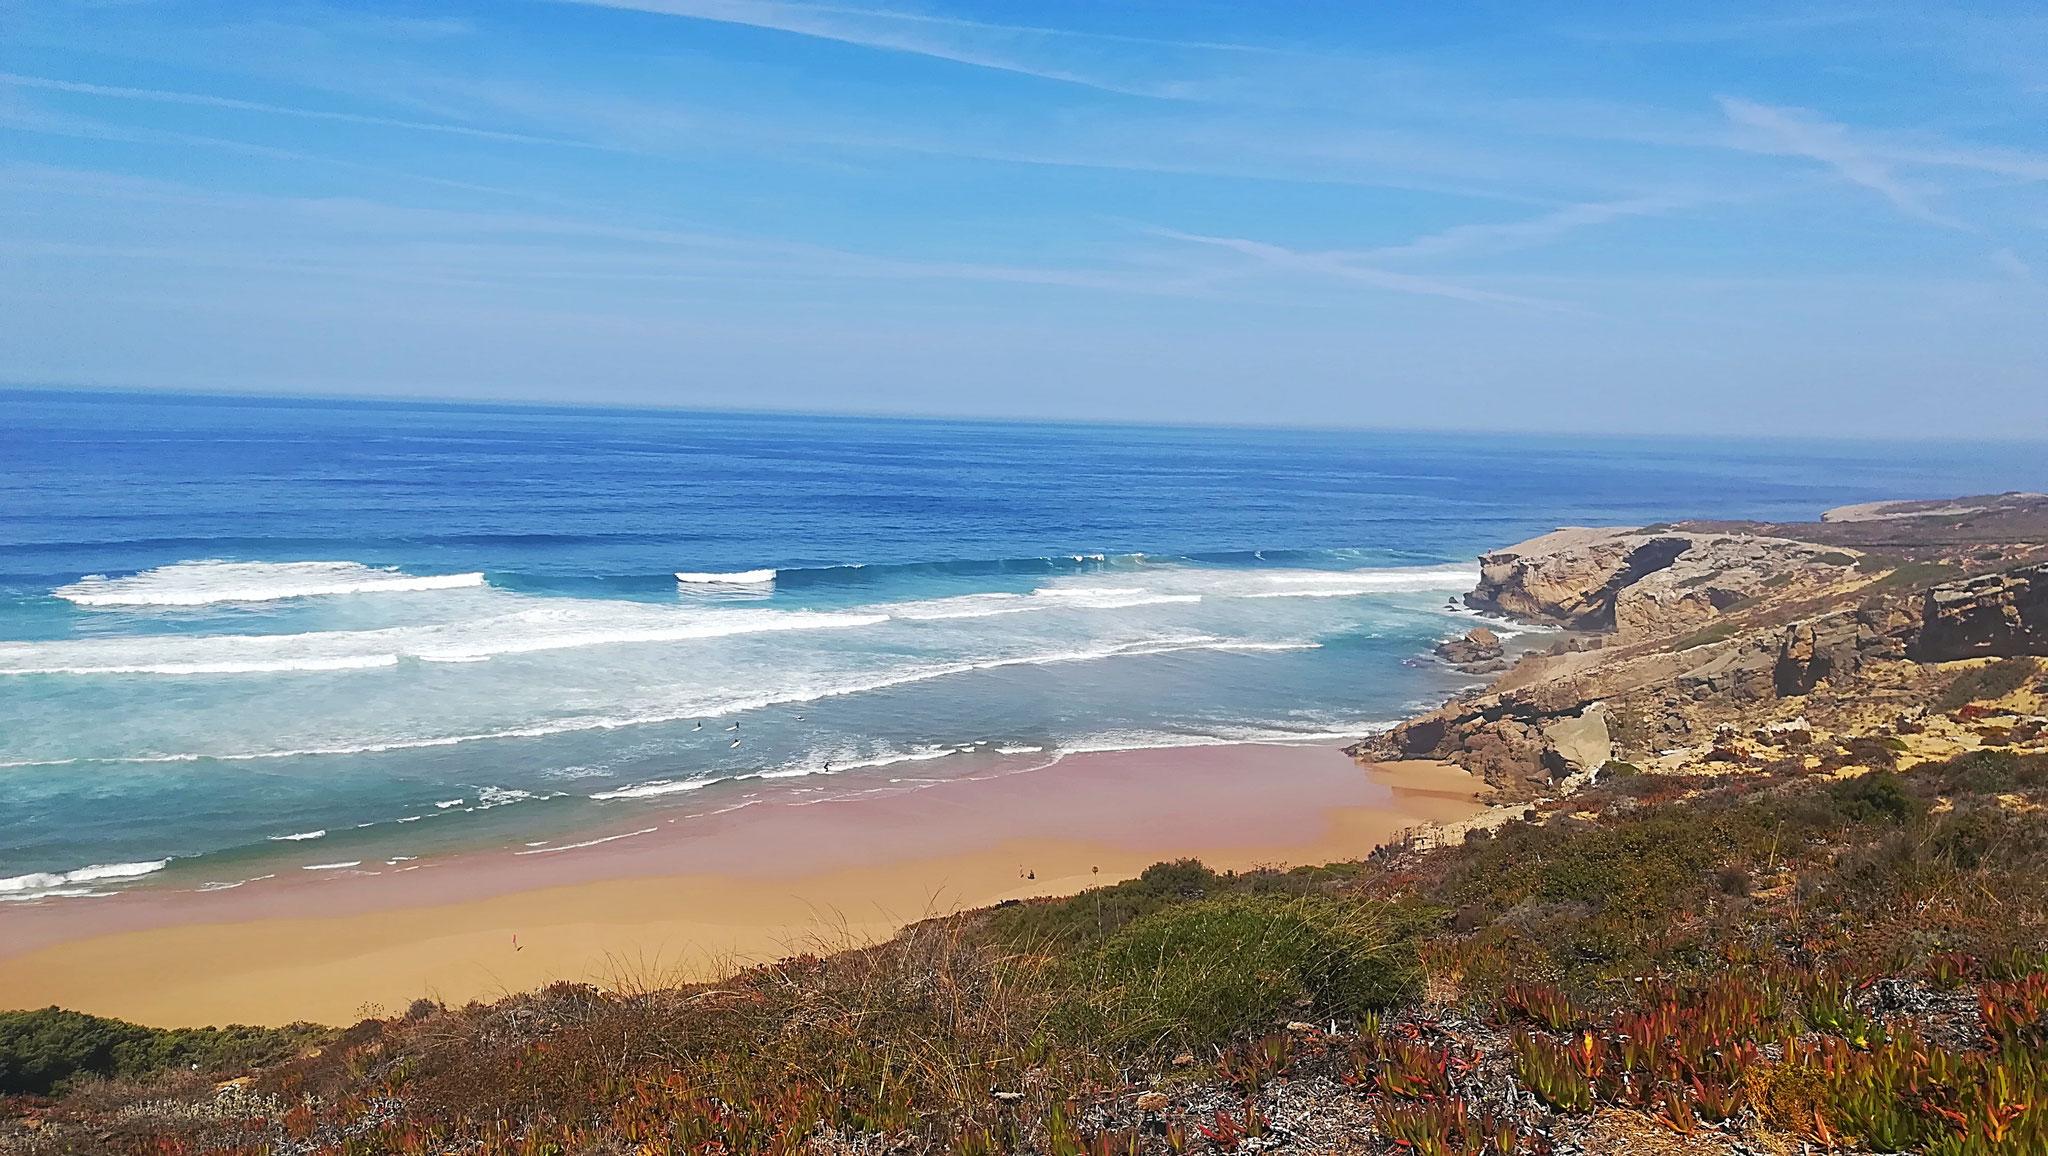 Portugal - Praia do Amado